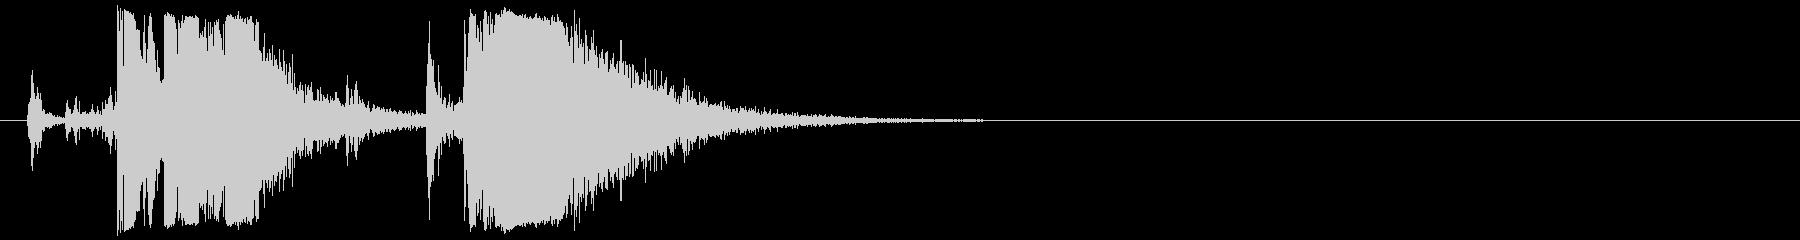 ベレッタモデル12、サブマシンガン...の未再生の波形